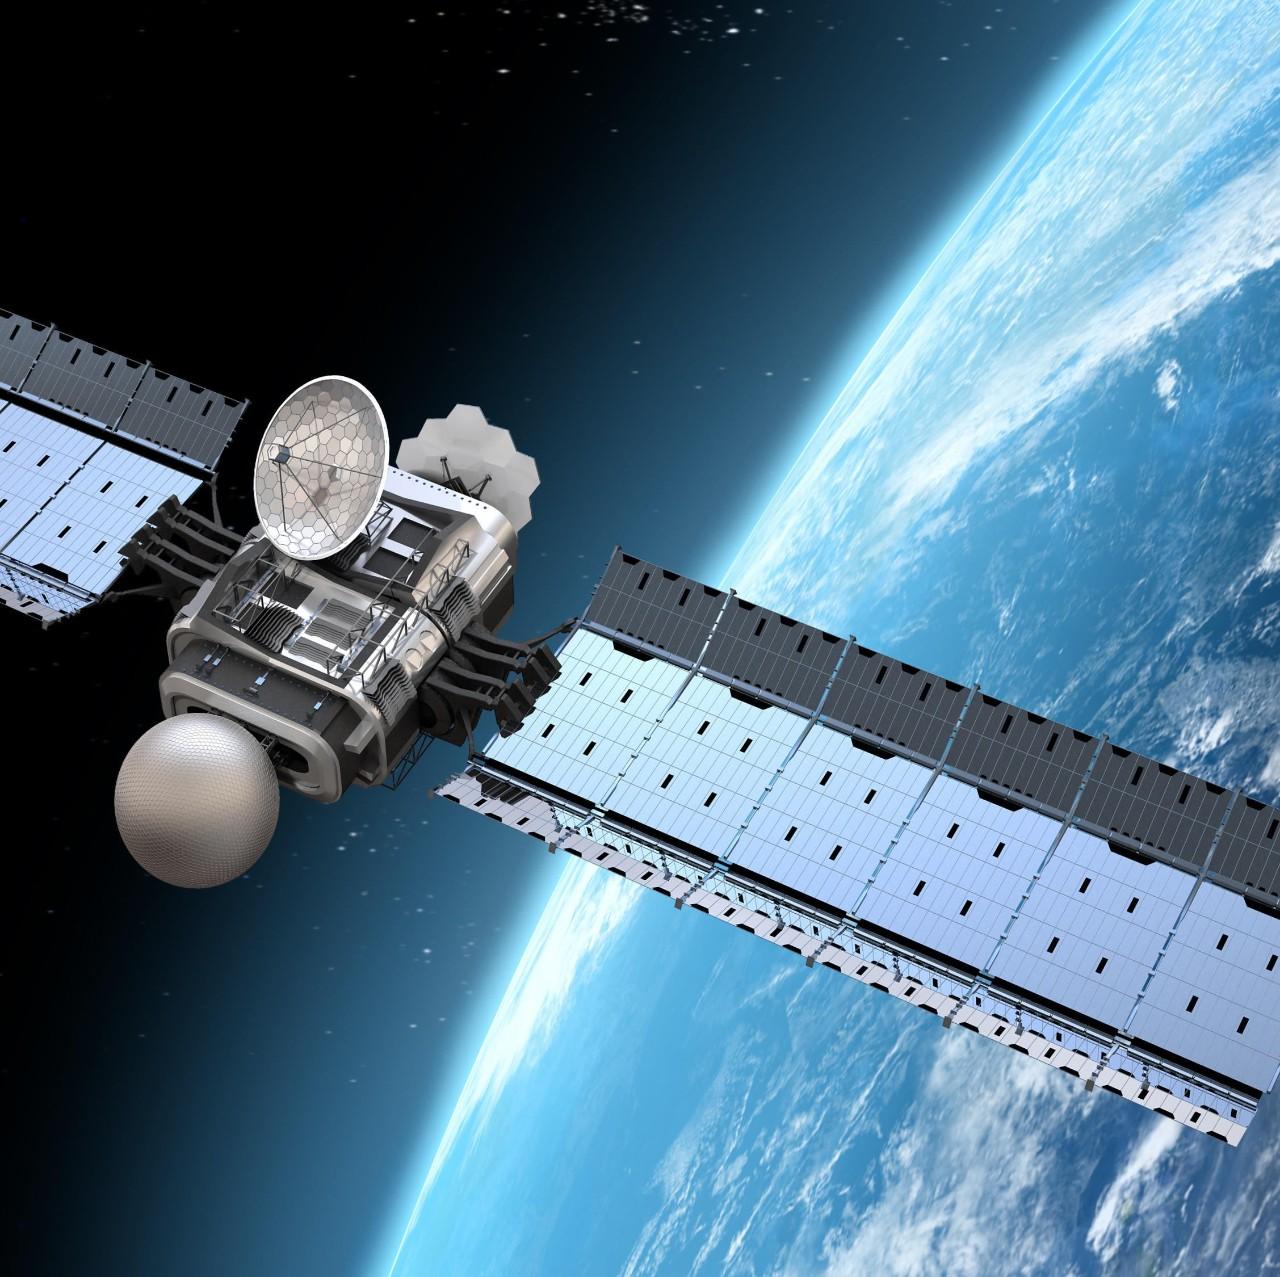 中国卫星导航产业崛起! 预计2020年产值将超4000亿